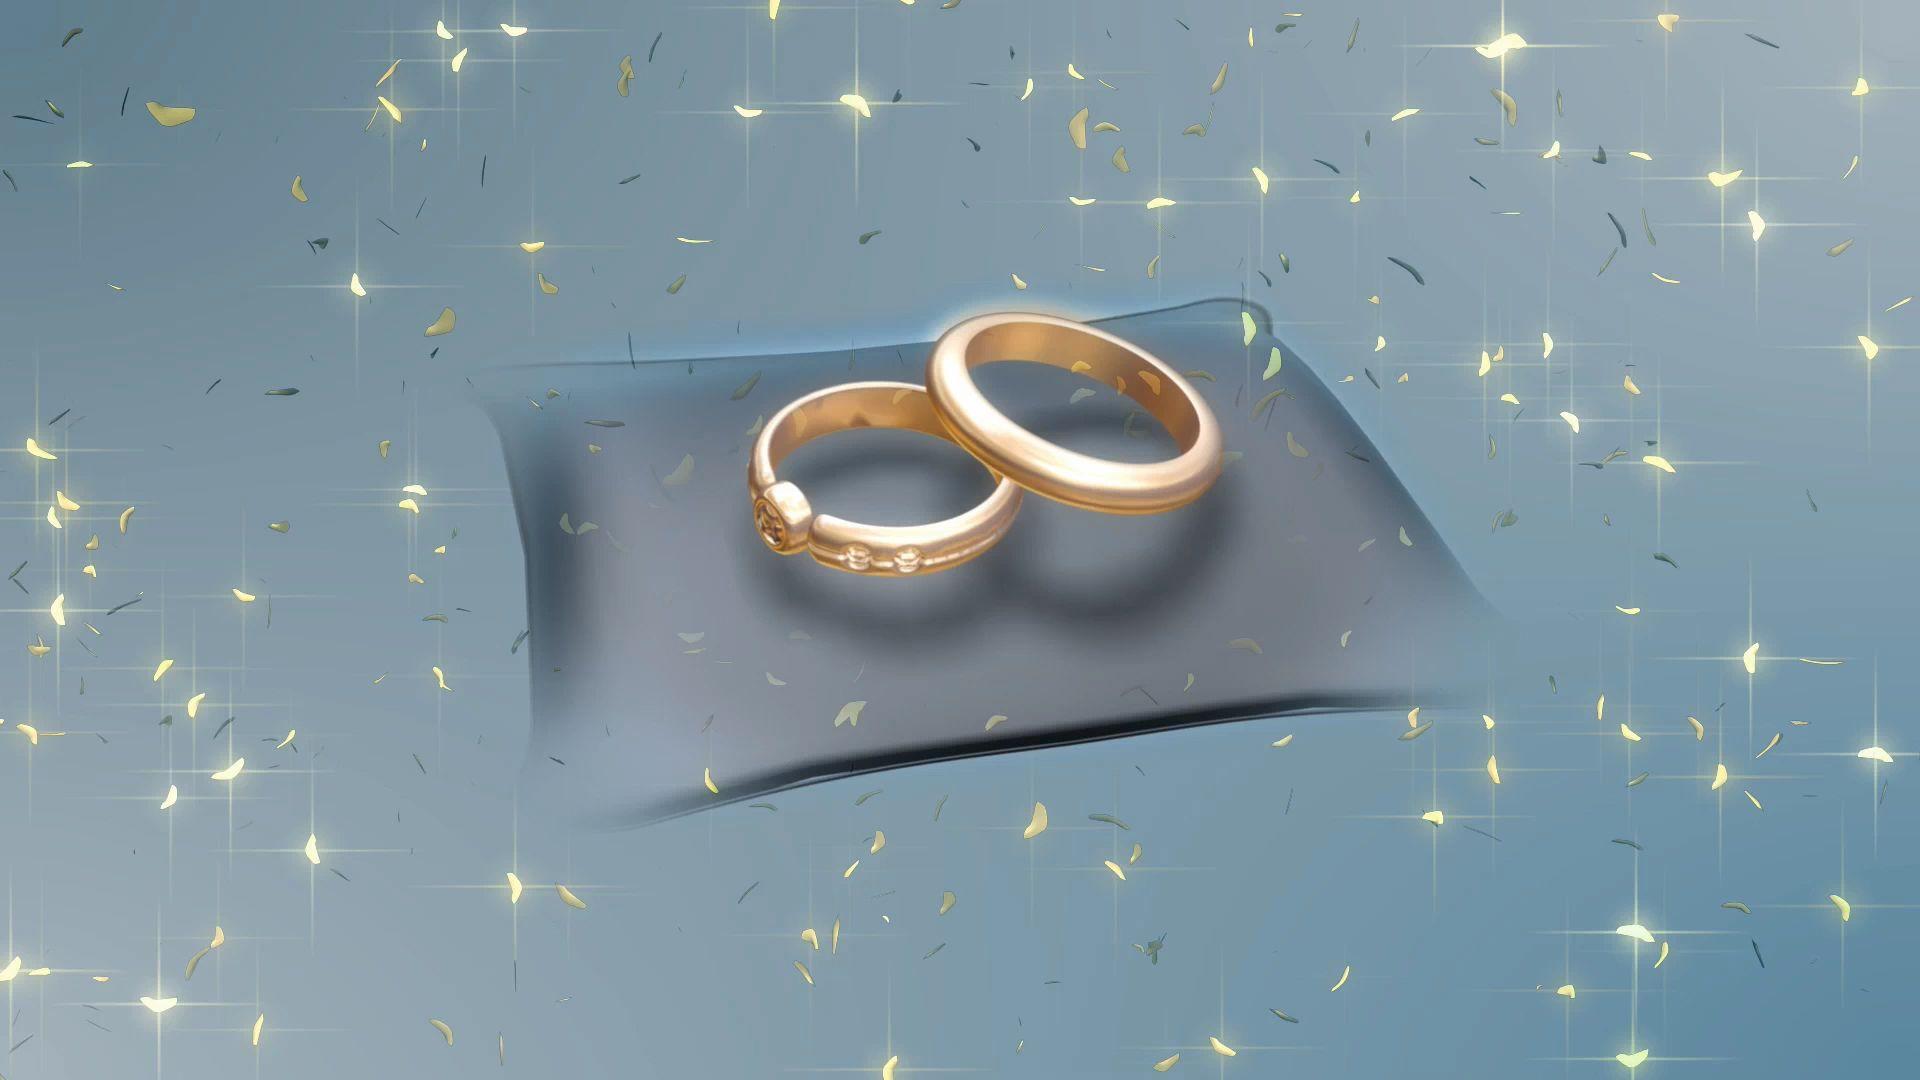 Kerala Wedding Photo Backgrounds Hd Wedding Photography Website 1600x1200 Wedding Backgrounds ...